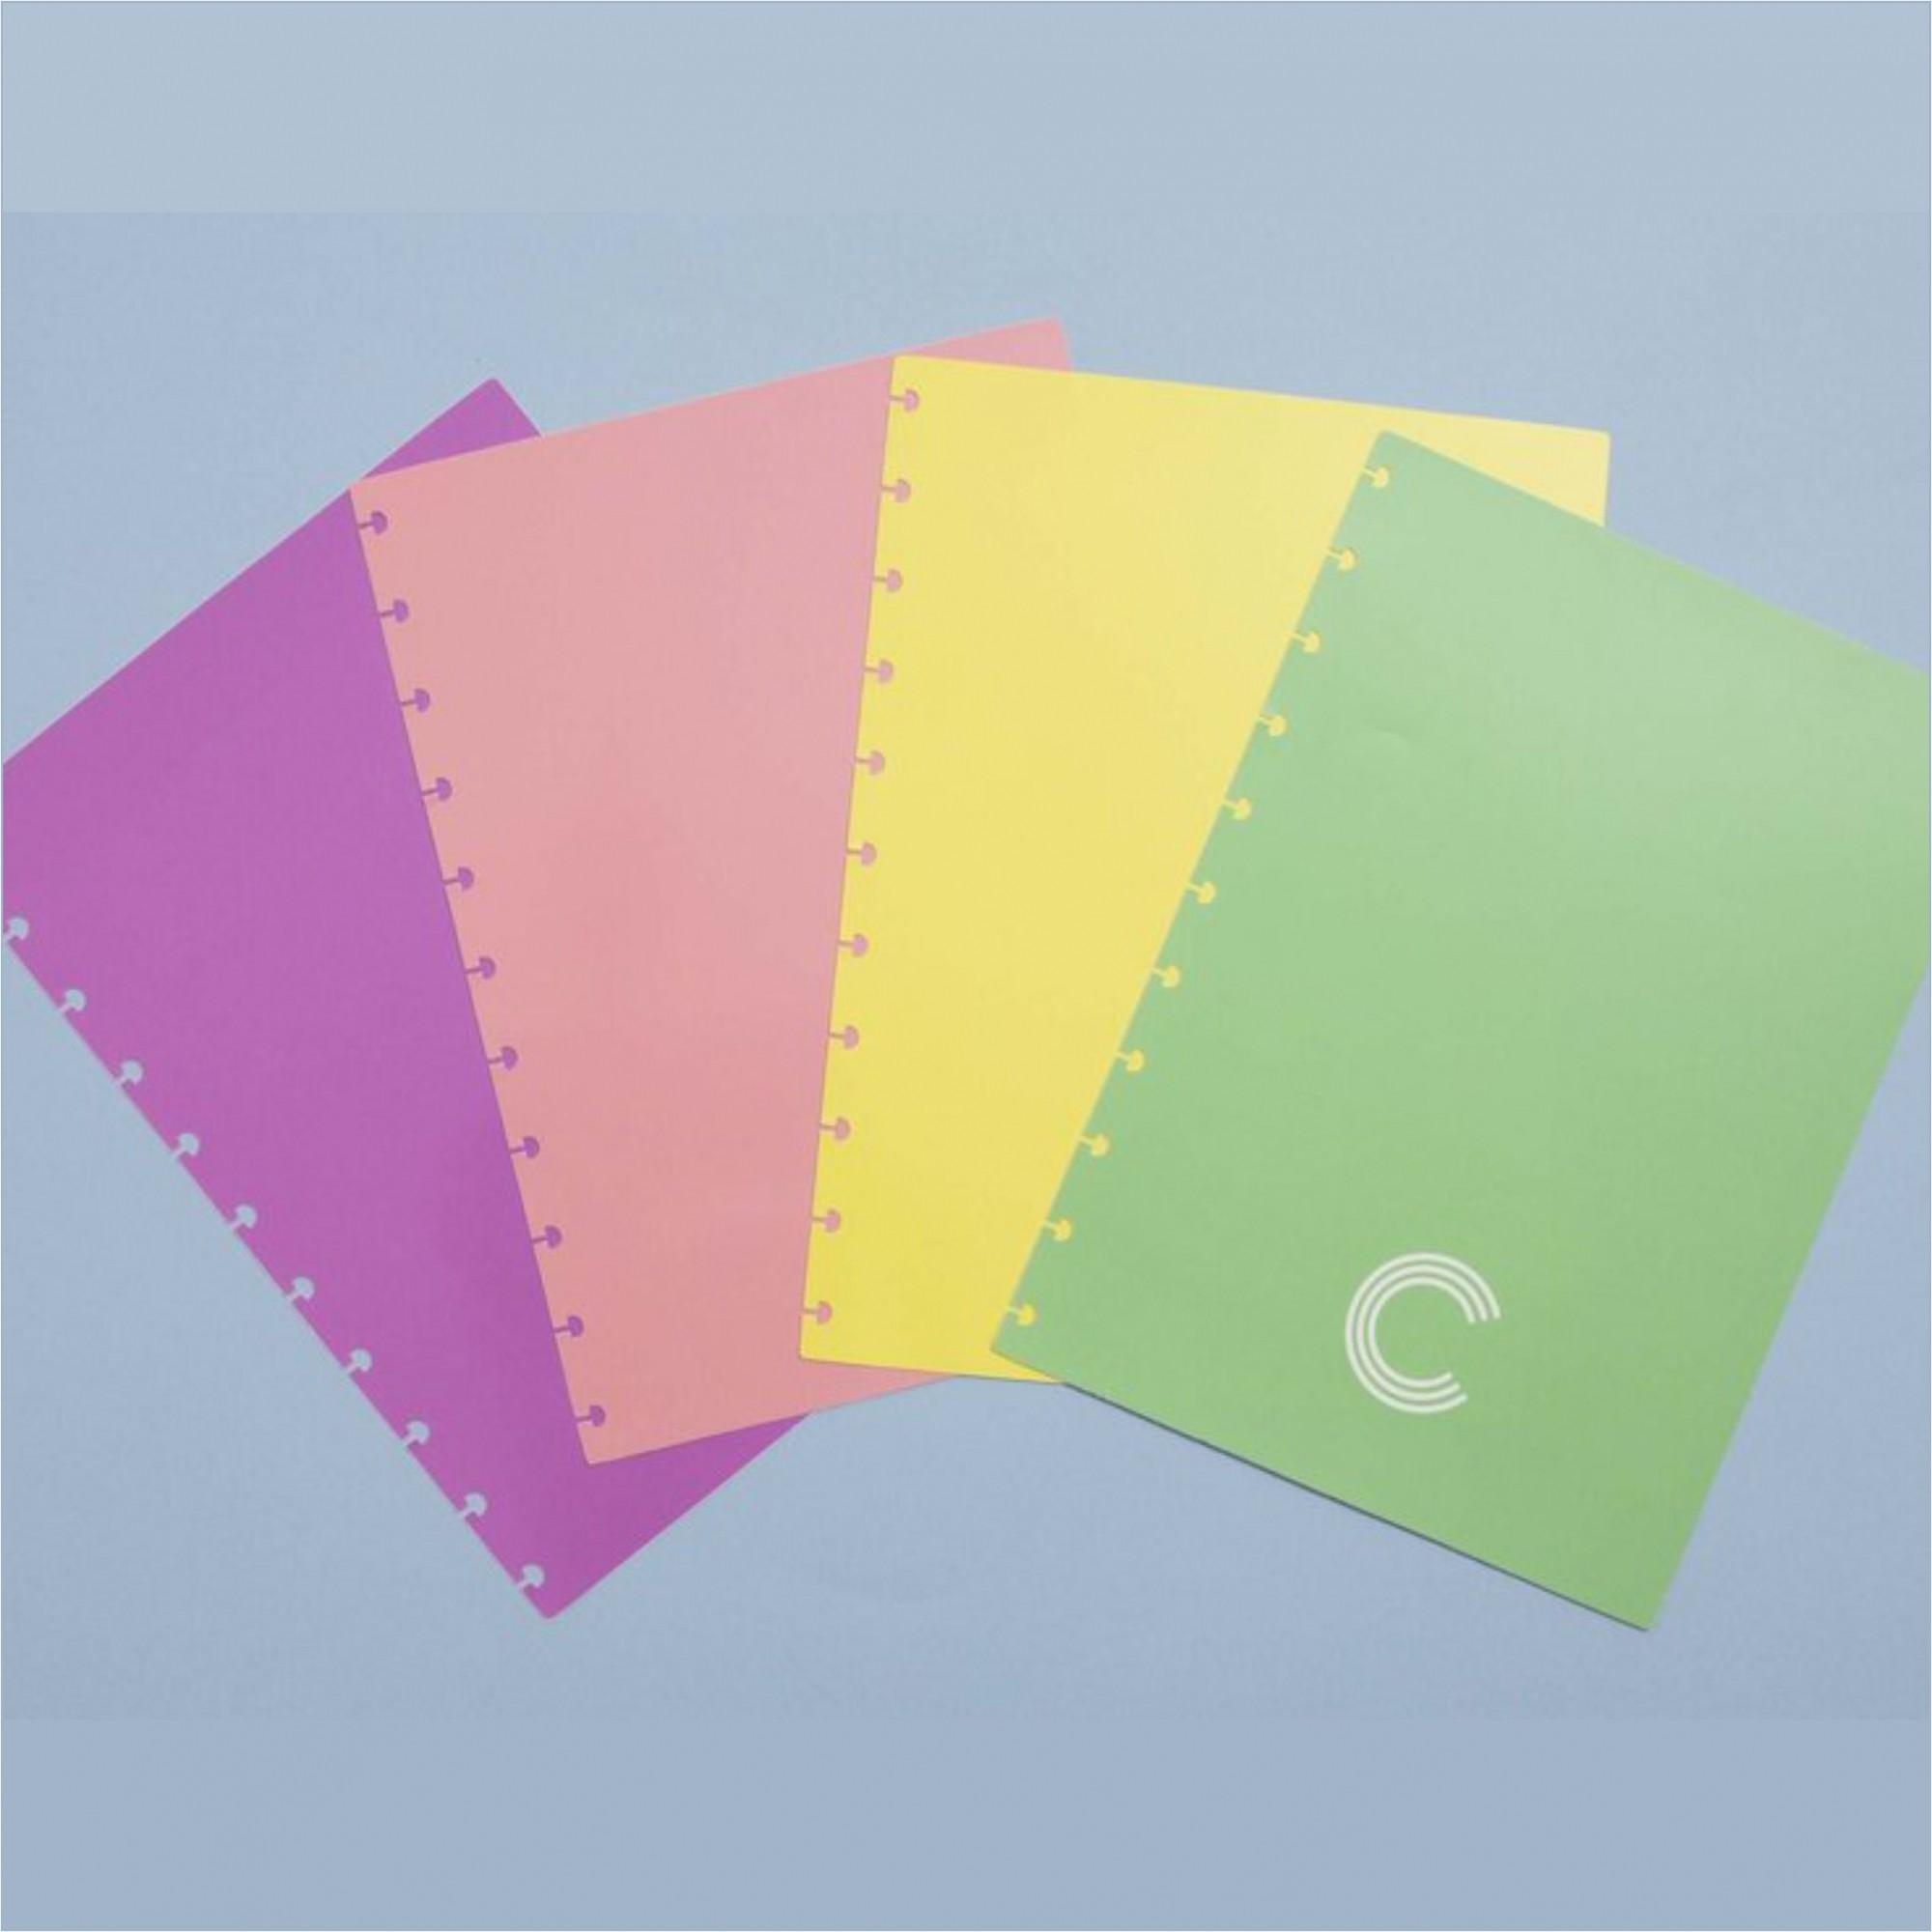 Divisoria para Caderno Inteligente A5 155x220mm | Caderno Inteligente